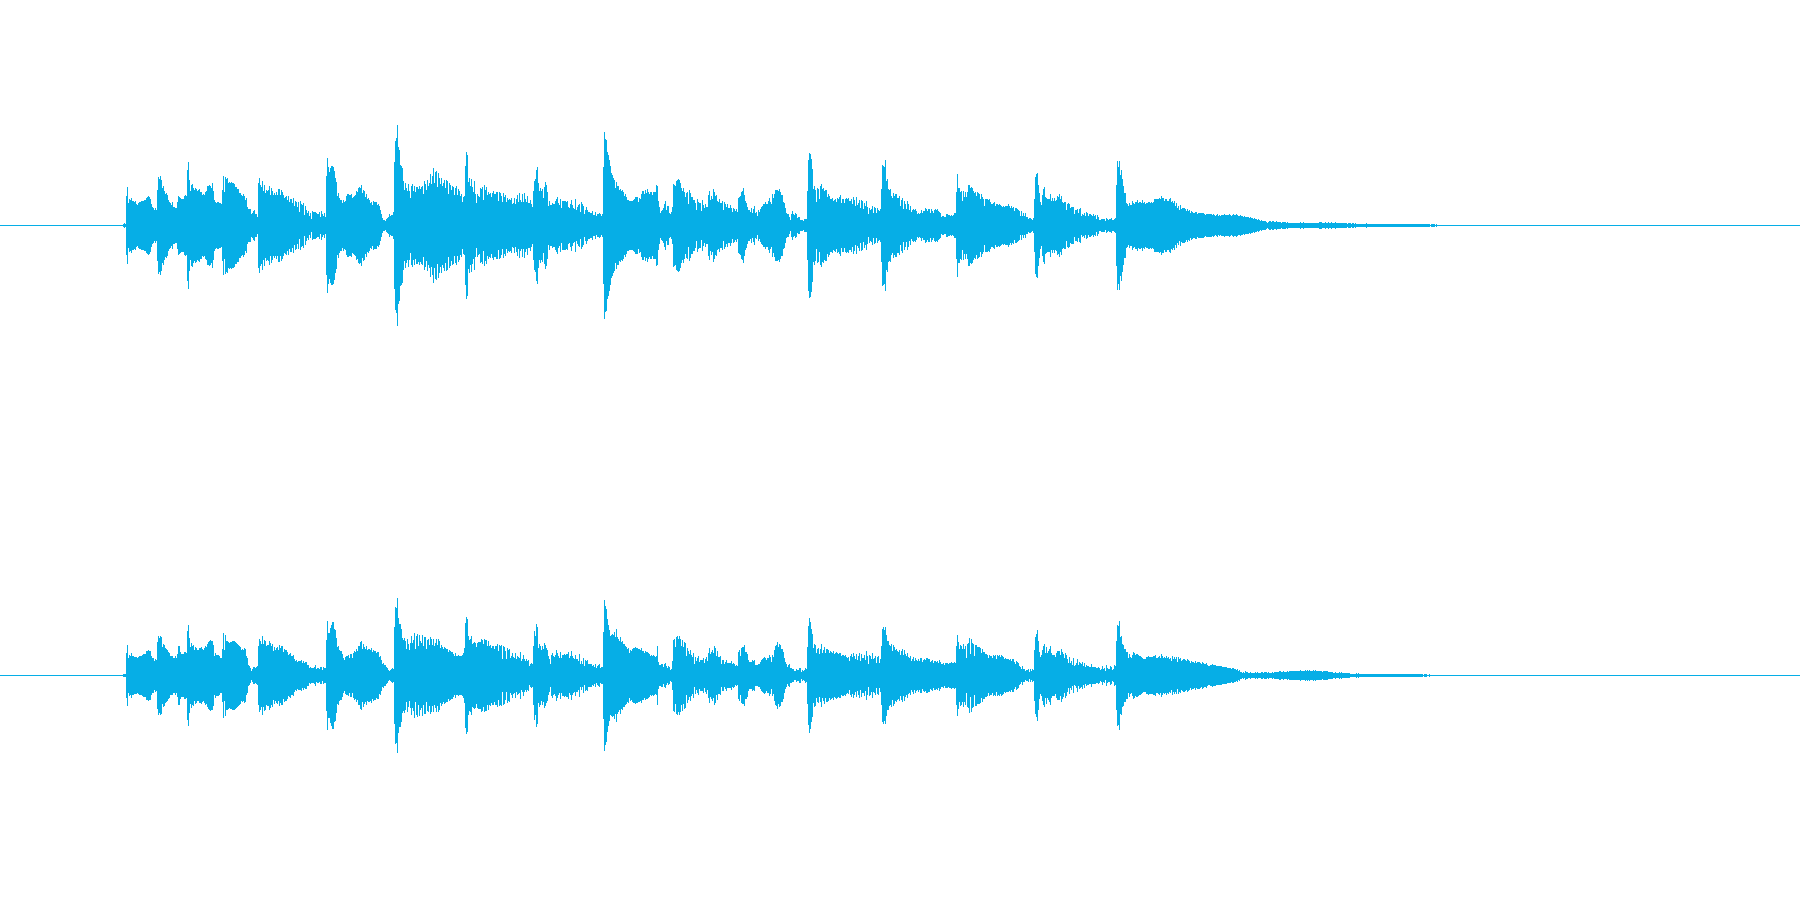 チャラララン(テンポの速い明るい三味線)の再生済みの波形